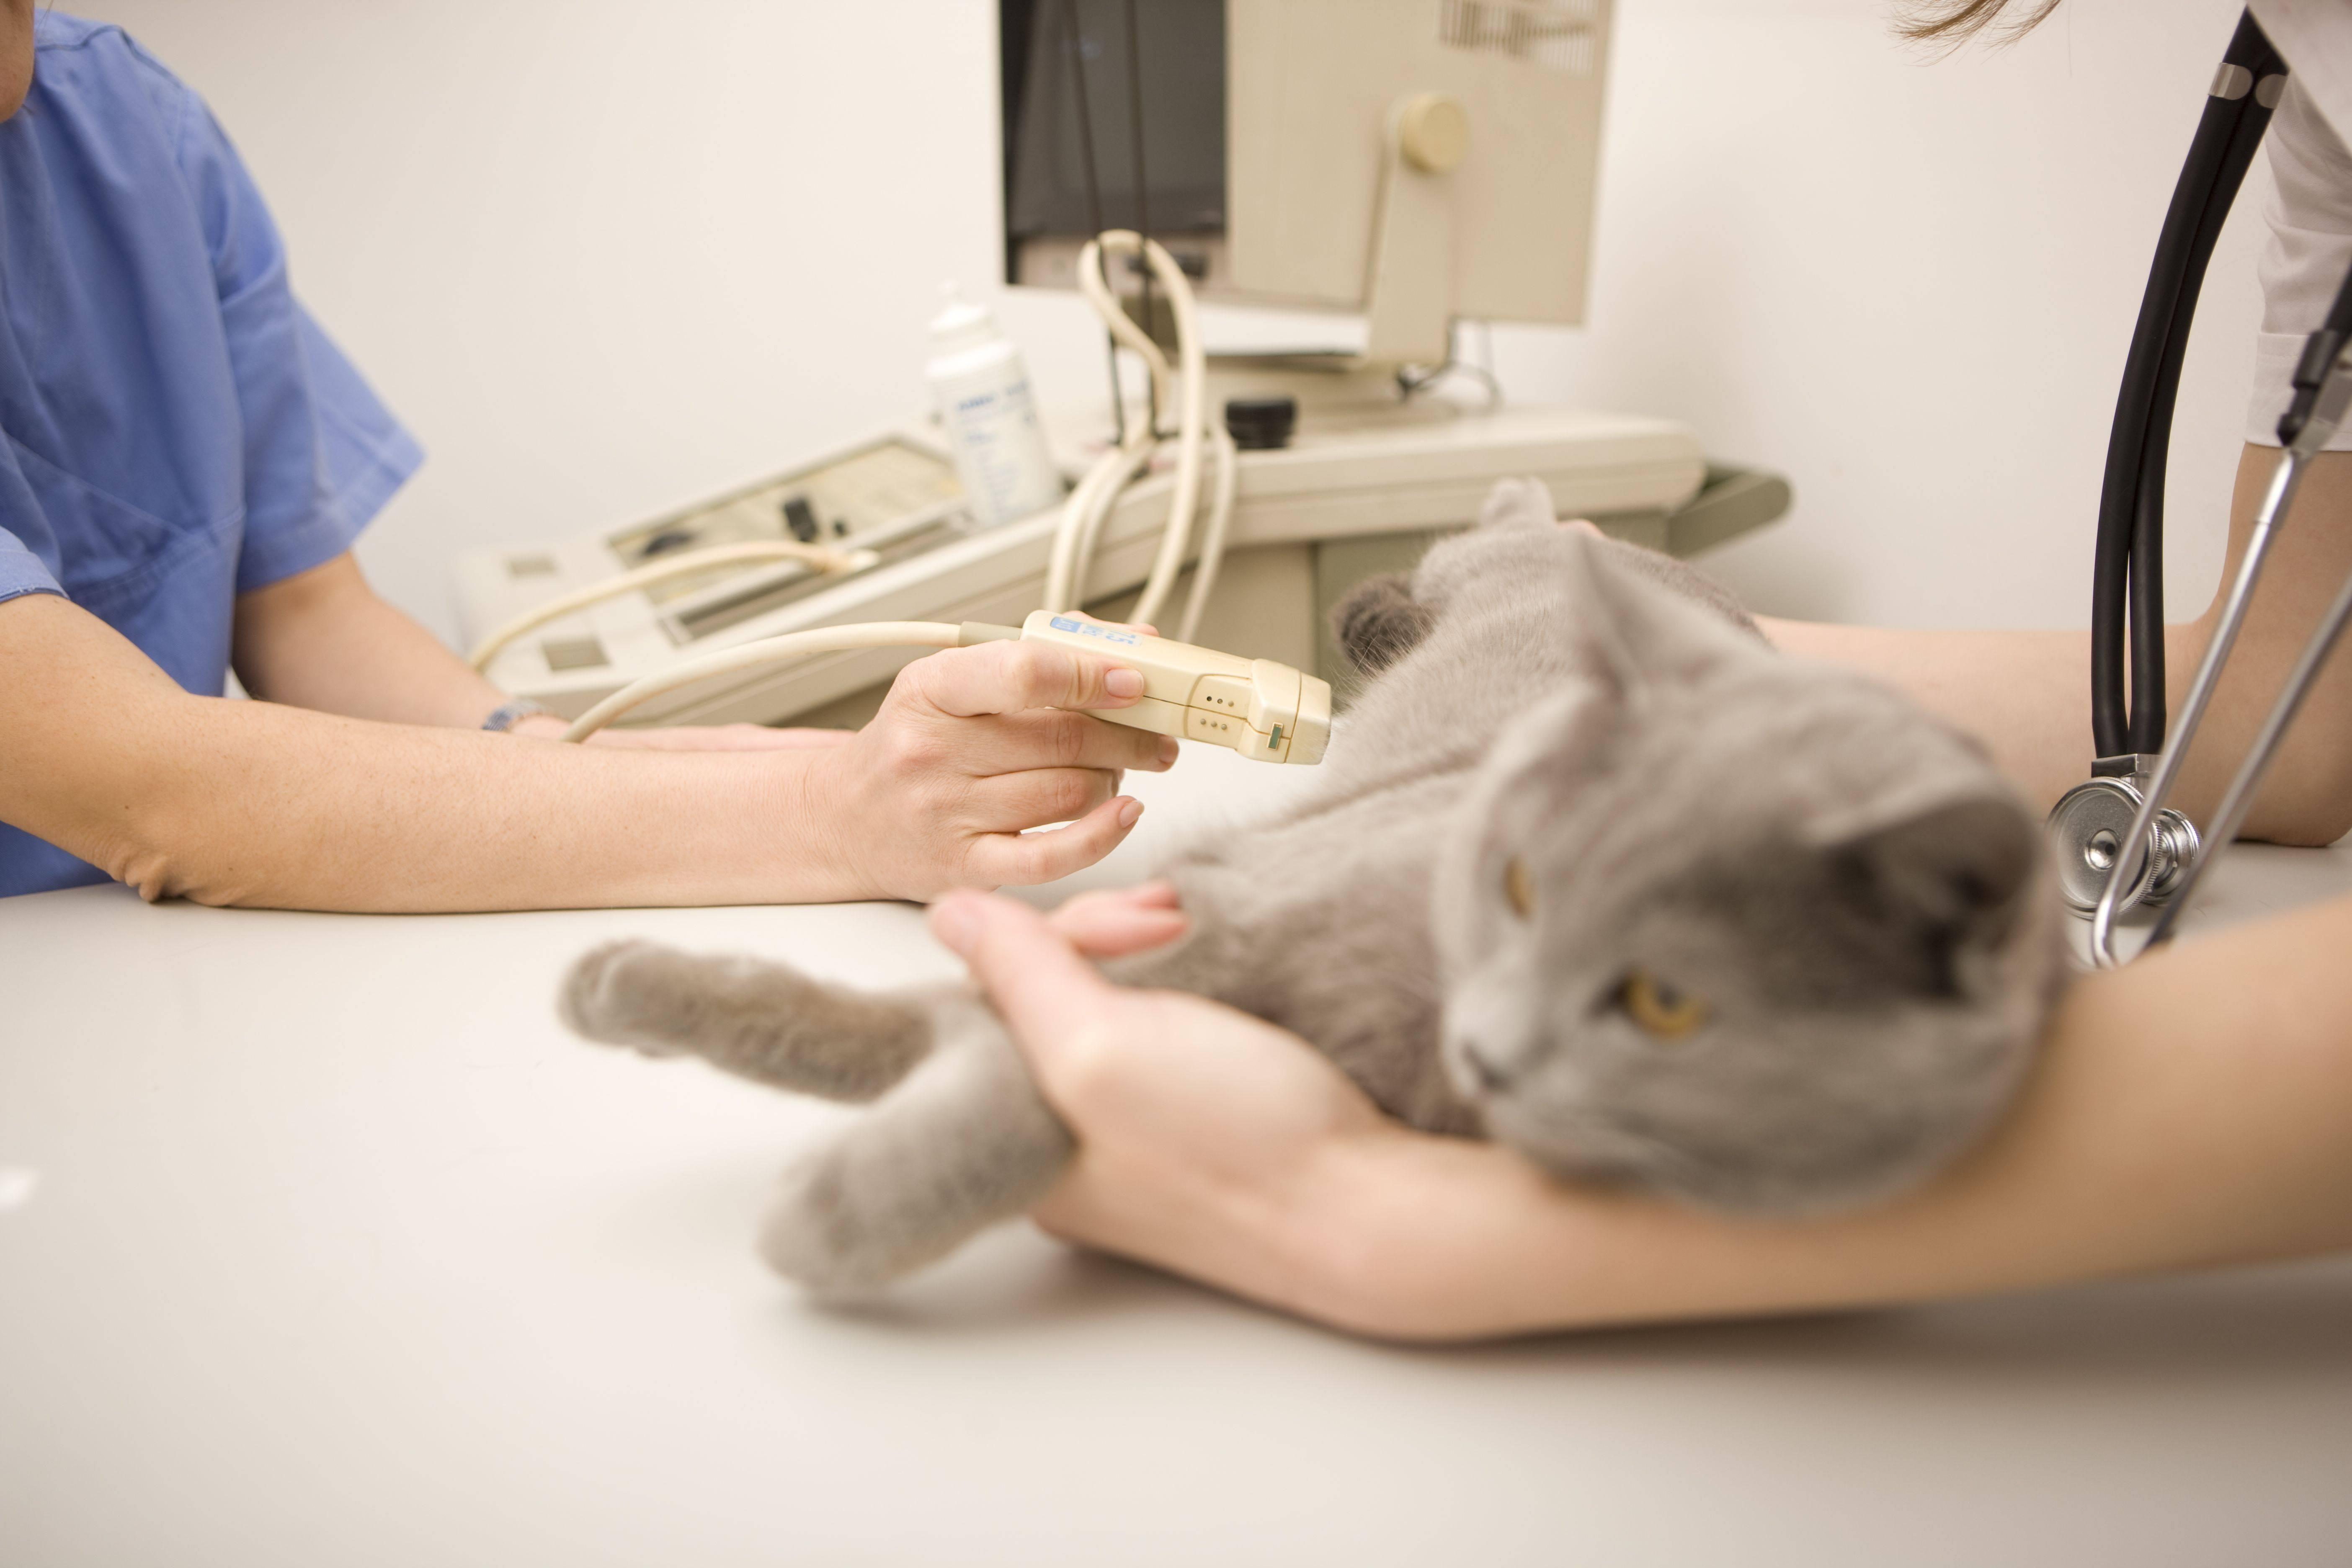 Подготовка к обследованию узи желудка (жкт), как подготовиться взрослым